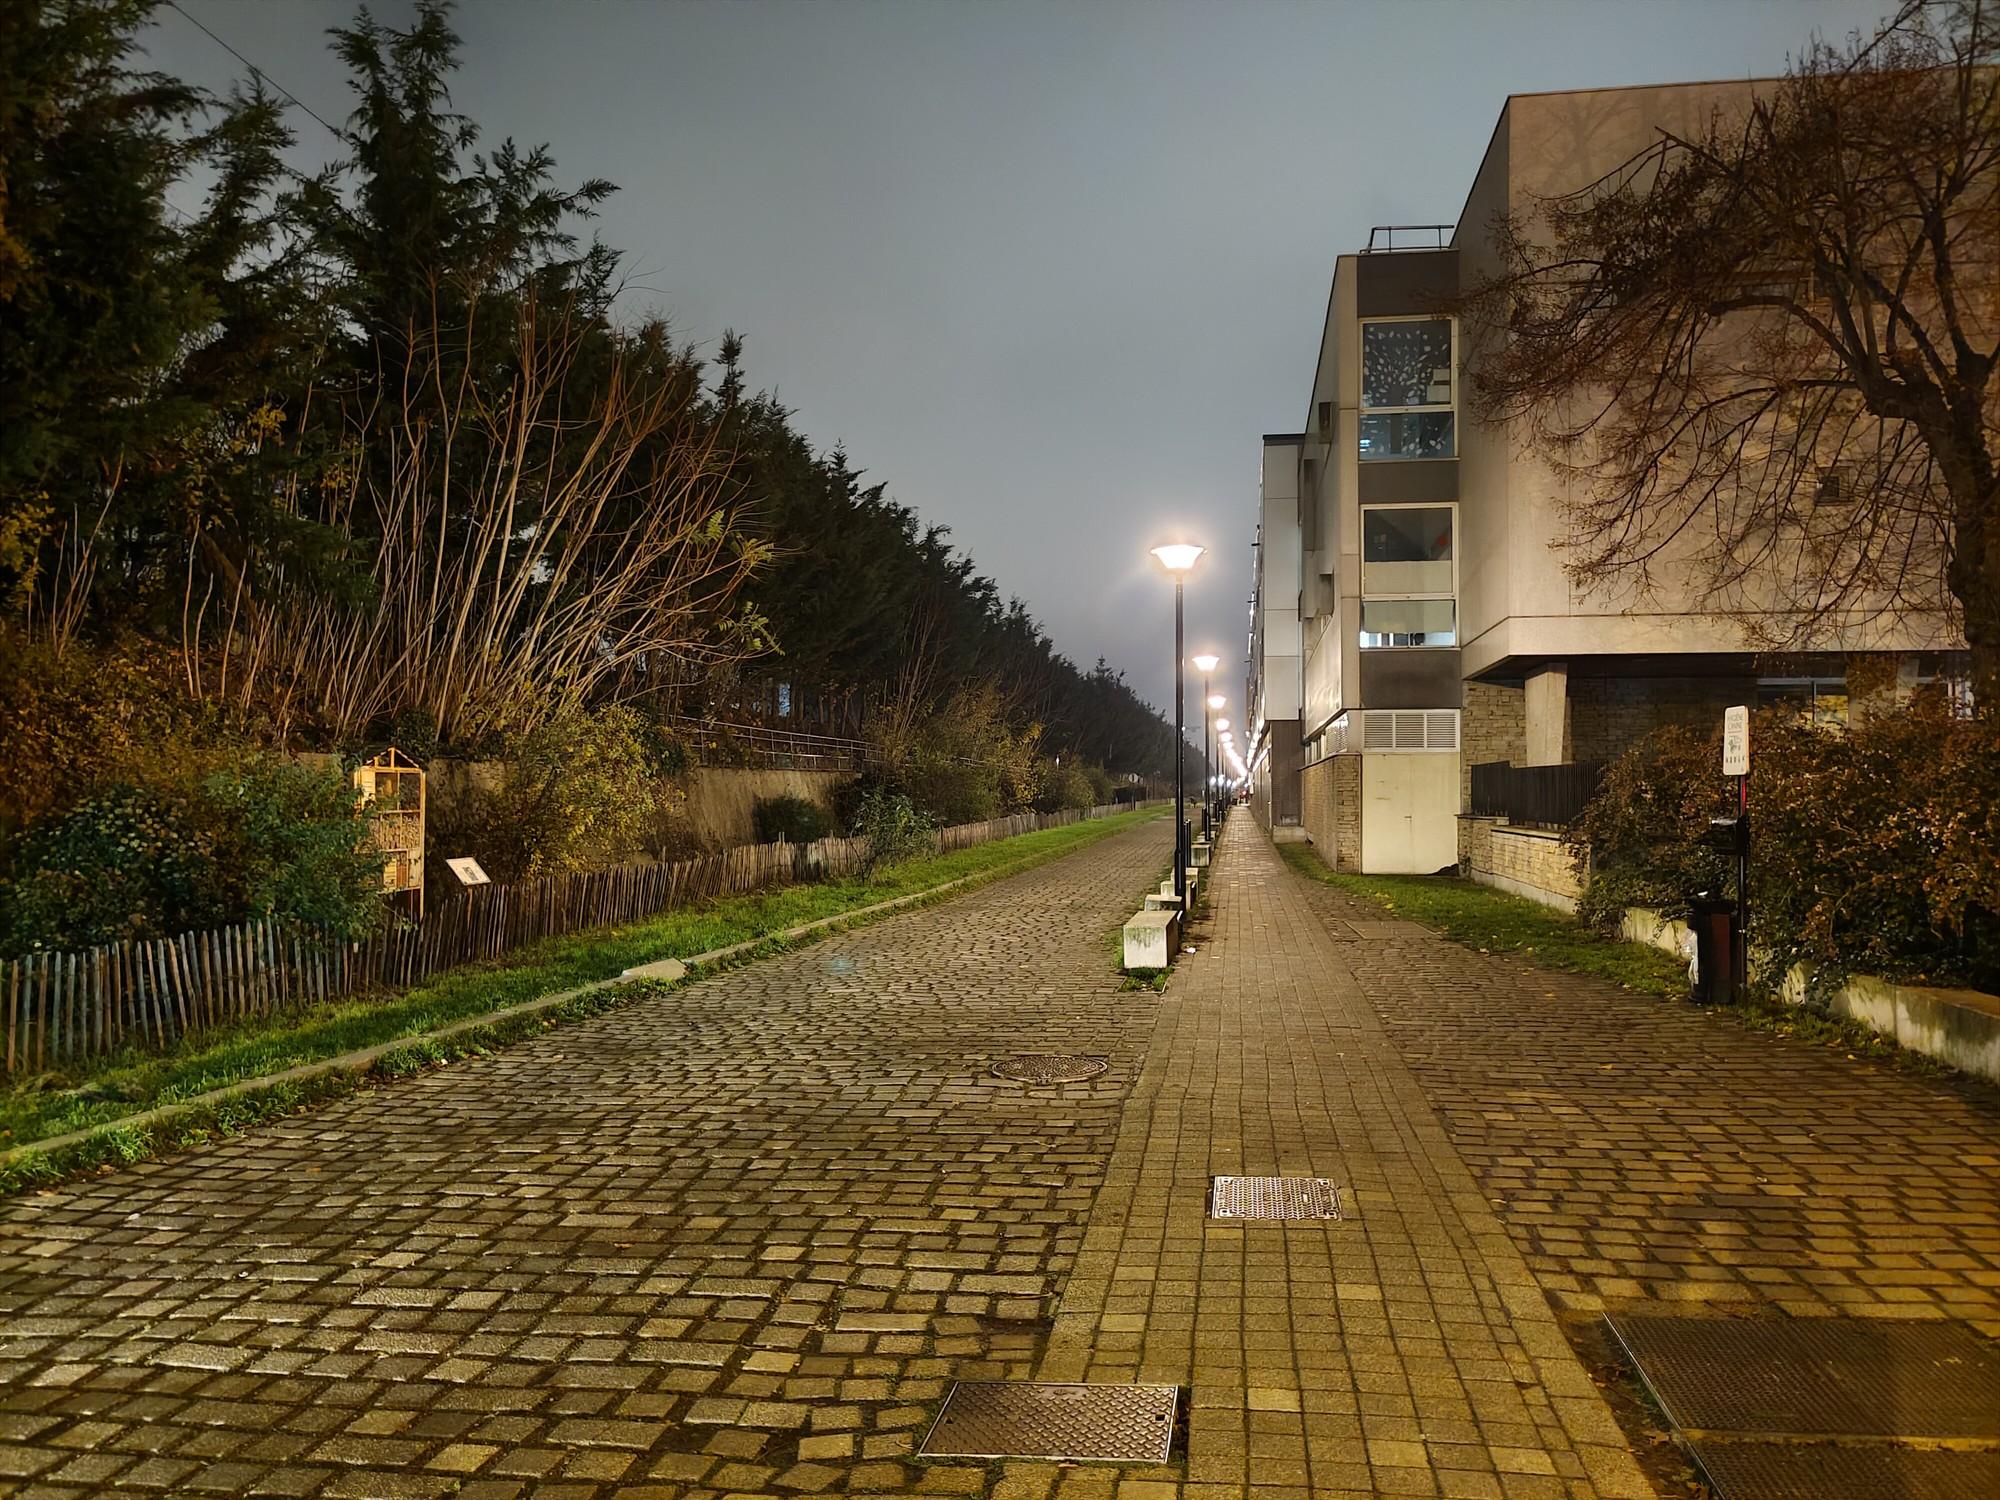 Que vaut l'appareil photo du Vivo X51 lorsque la nuit tombe? Voici le résultat